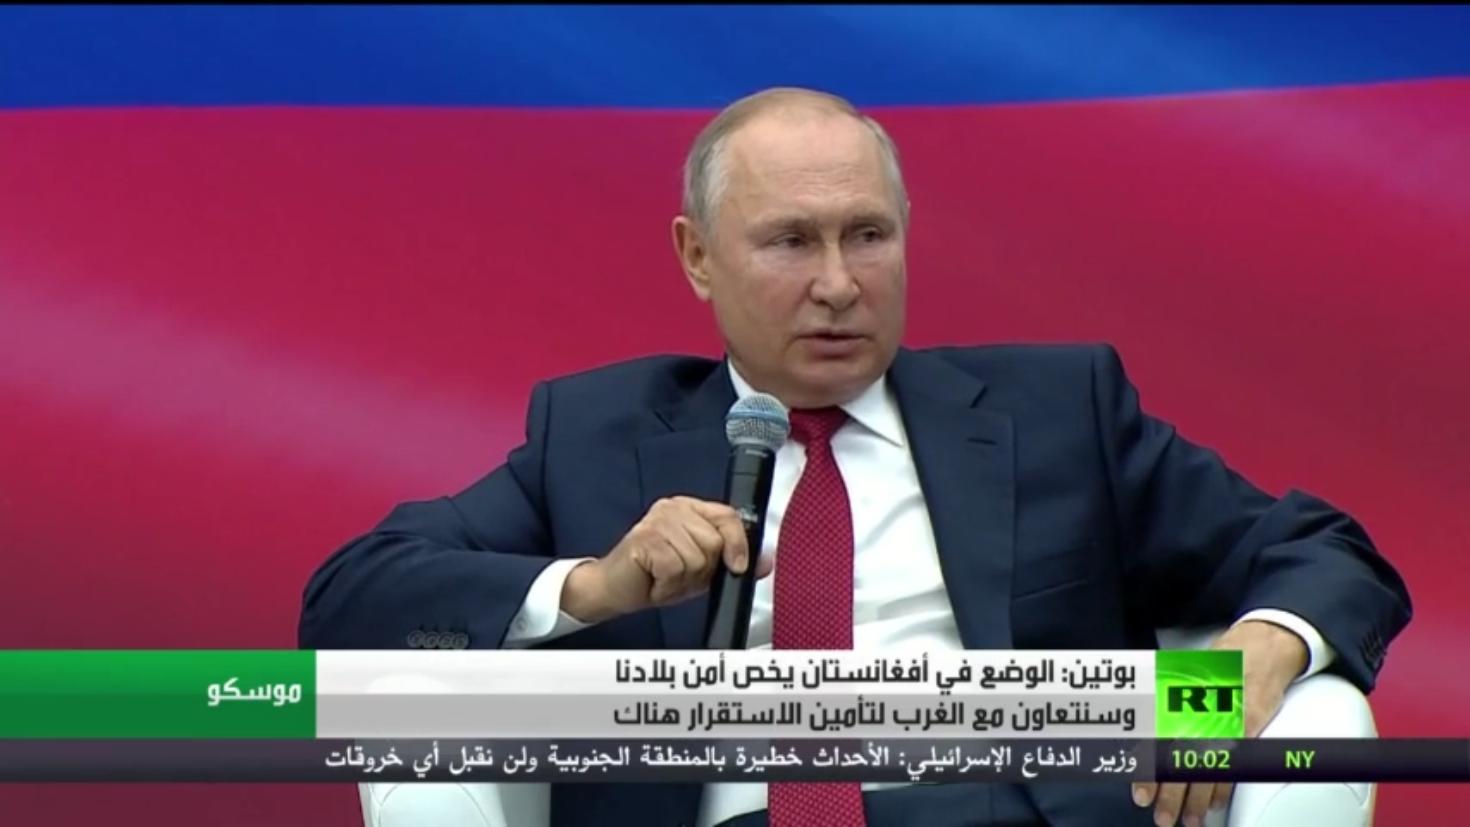 بوتين: الوضع في أفغانستان يخص أمن بلادنا